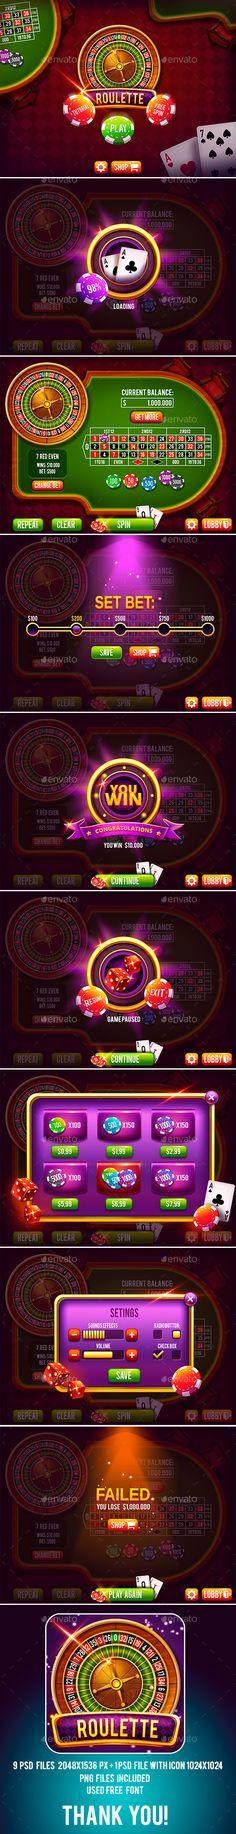 Casino game pack high 5 casino real slots jugar gratis